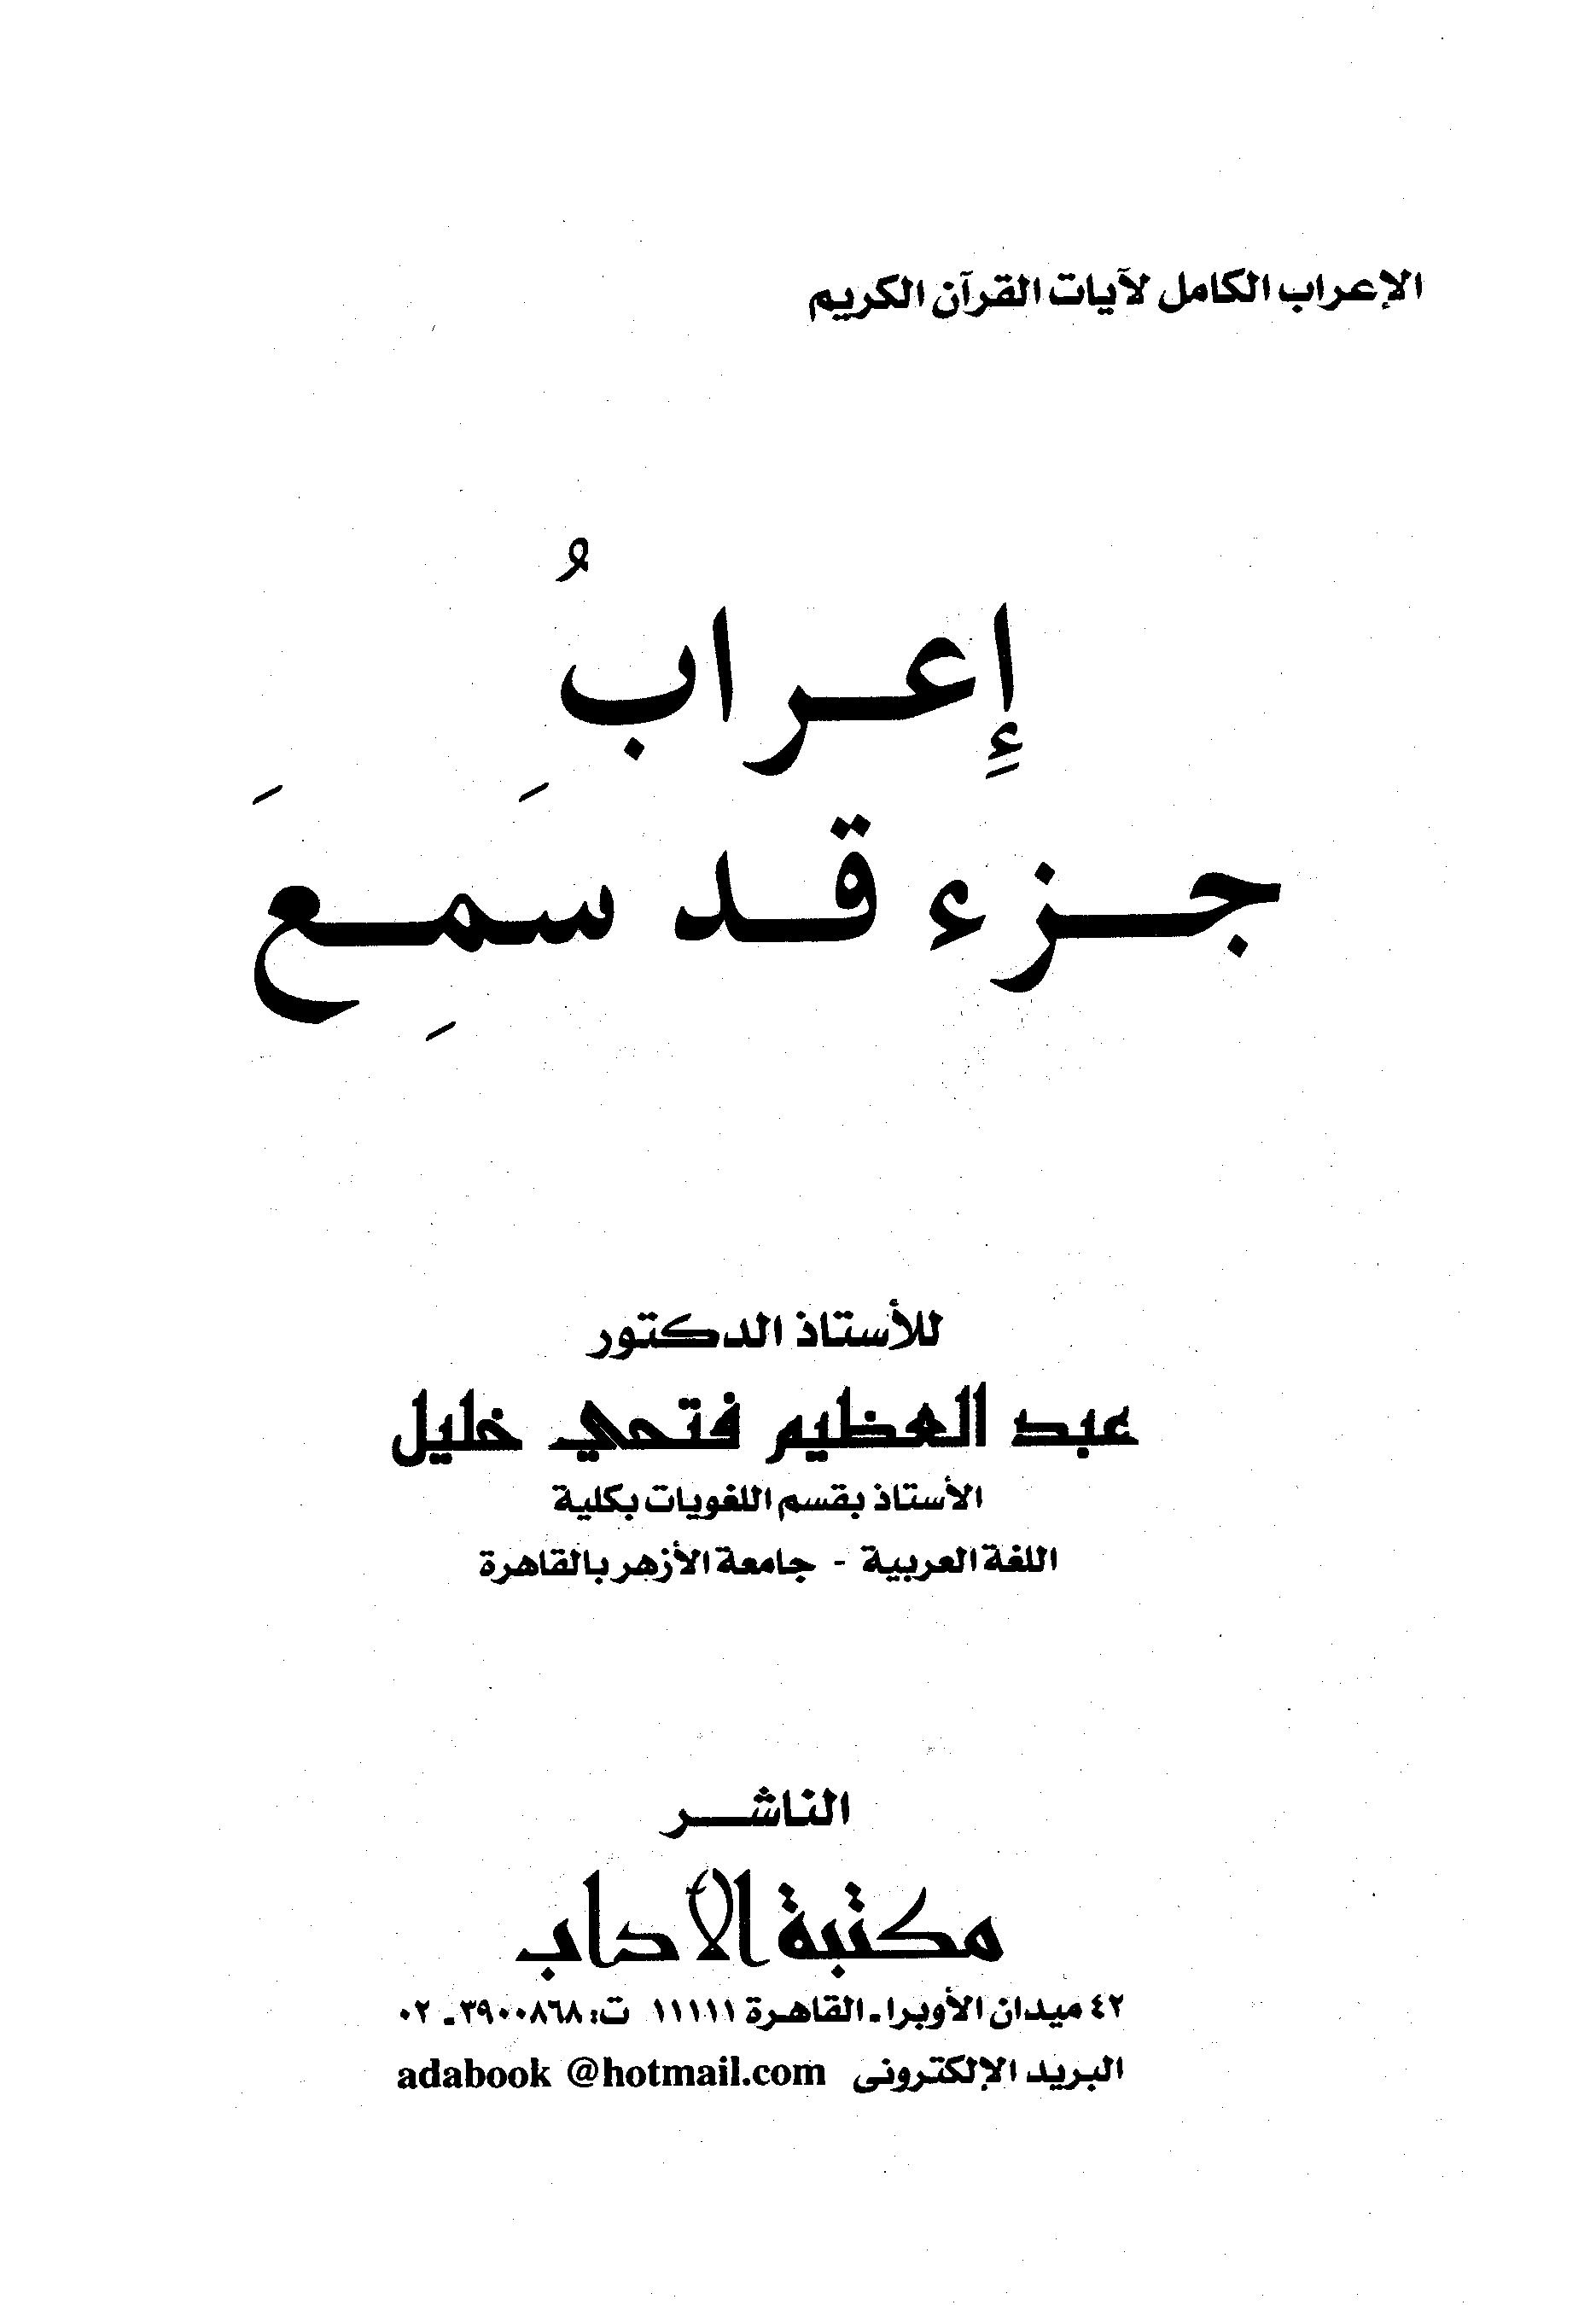 تحميل كتاب إعراب جزء قد سمع لـِ: الدكتور عبد العظيم فتحي خليل